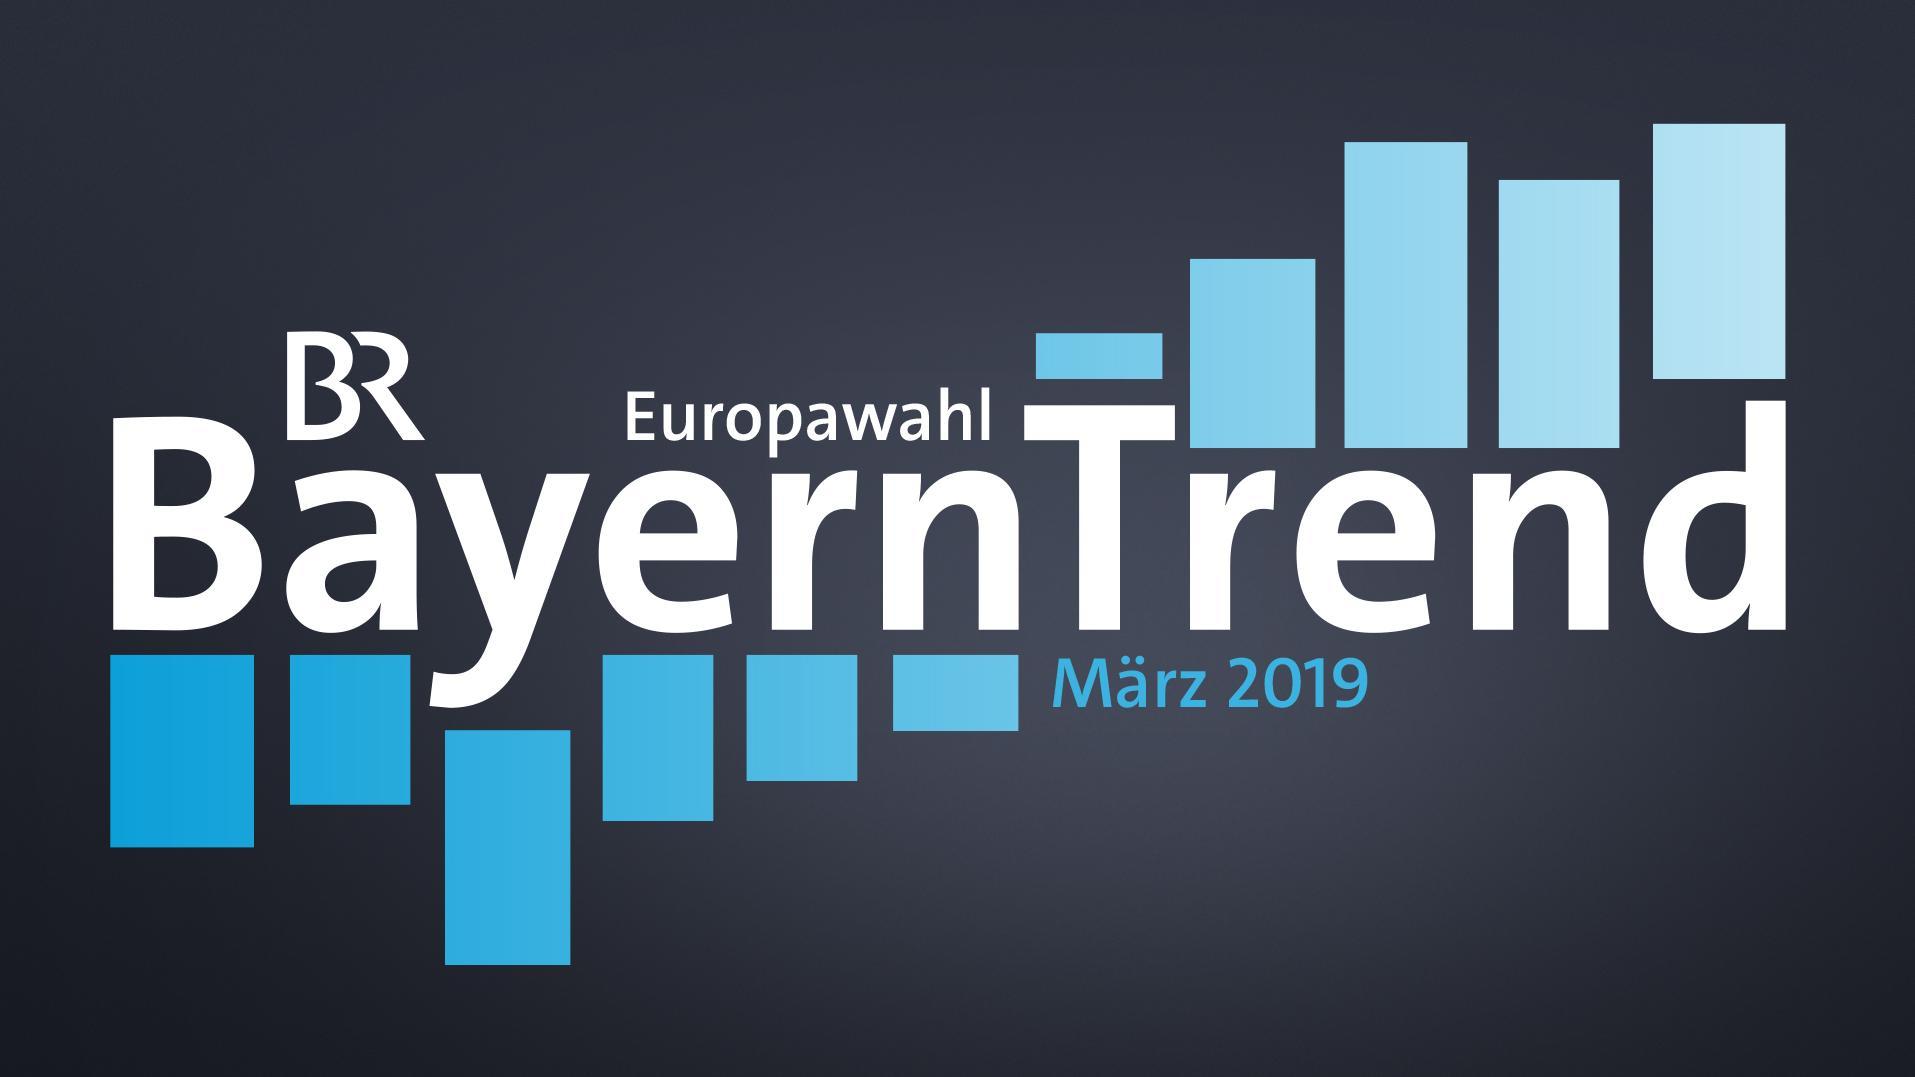 Der BR BayernTrend zur Europawahl